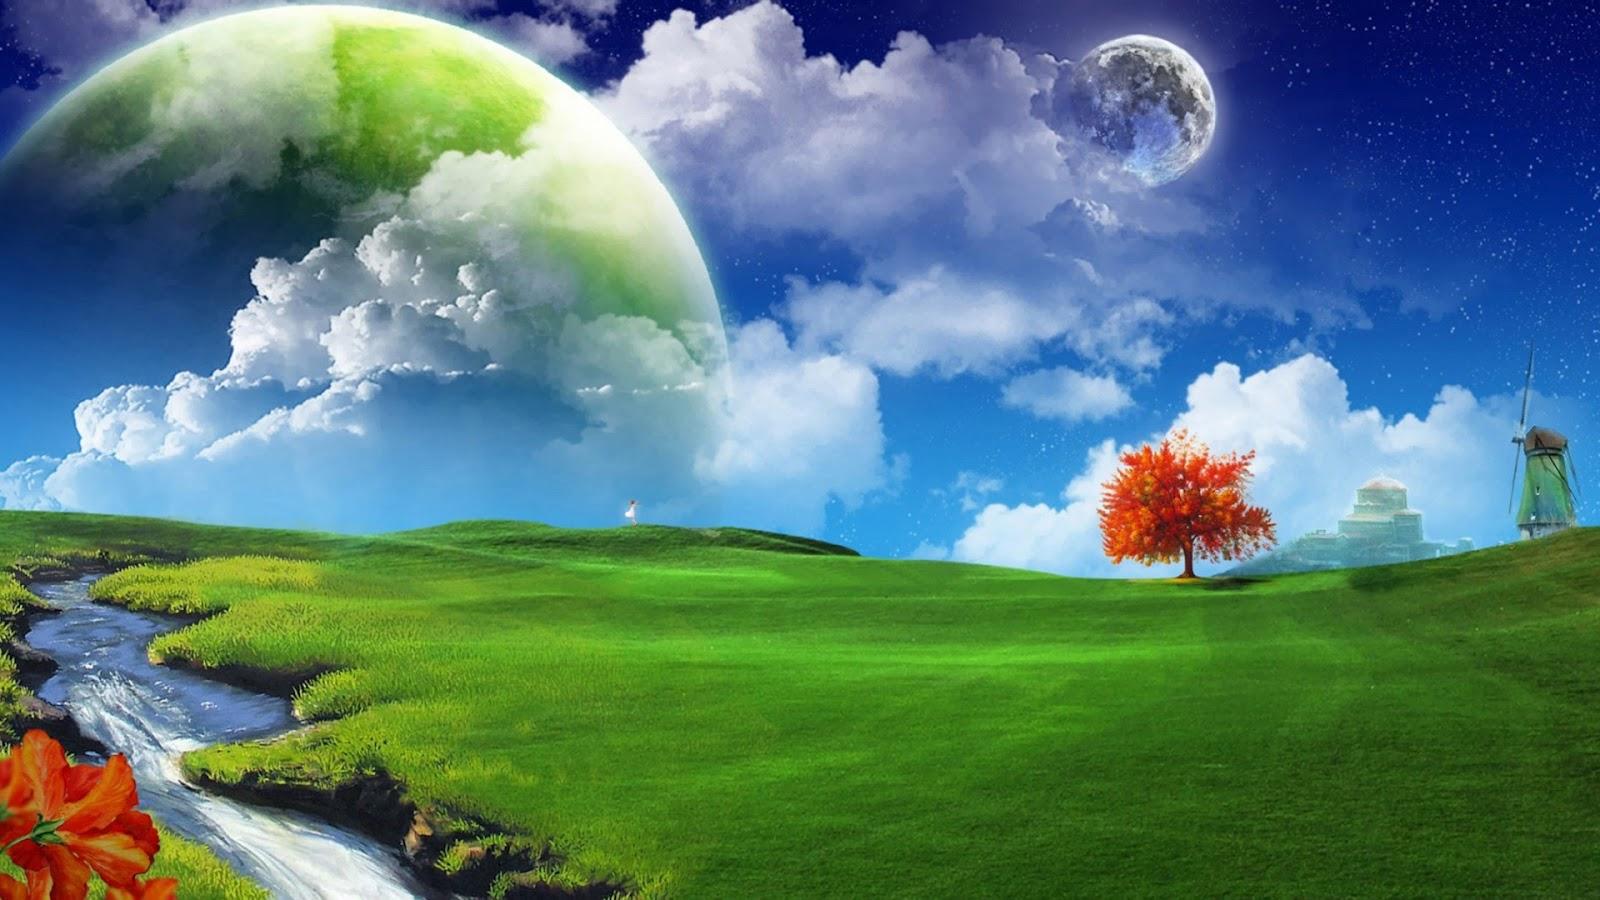 http://1.bp.blogspot.com/-3Tdey-dp9CQ/T9LmIkdLzMI/AAAAAAAAD_U/FsfBBVW1wT0/s1600/dreamy_landscape-1920x1080.jpg